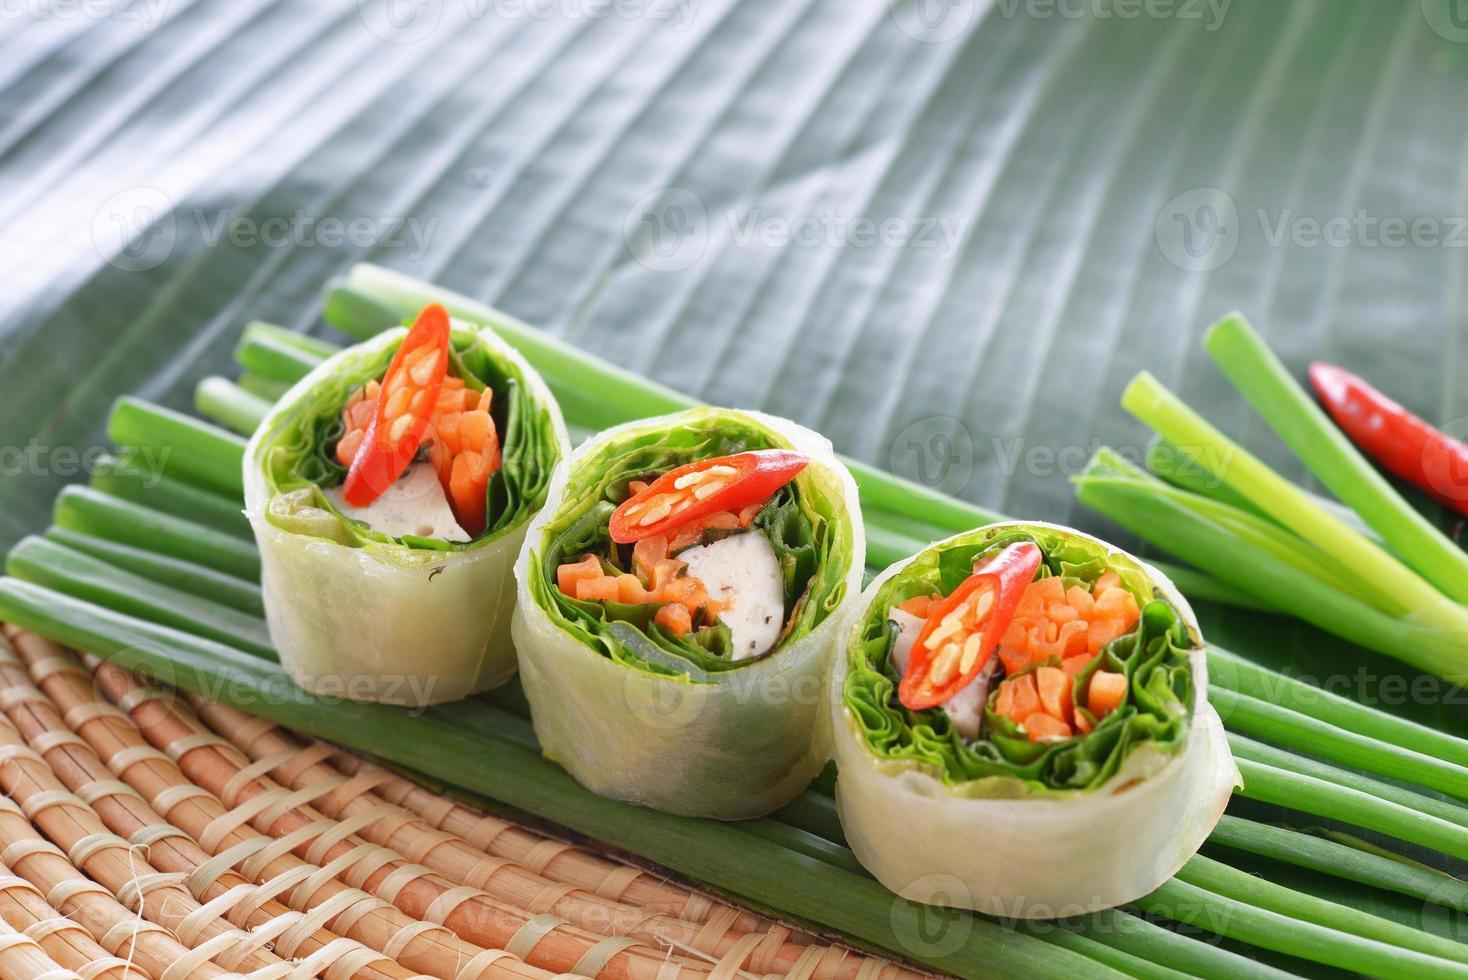 cibo tradizionale cinese fresco degli involtini primavera foto